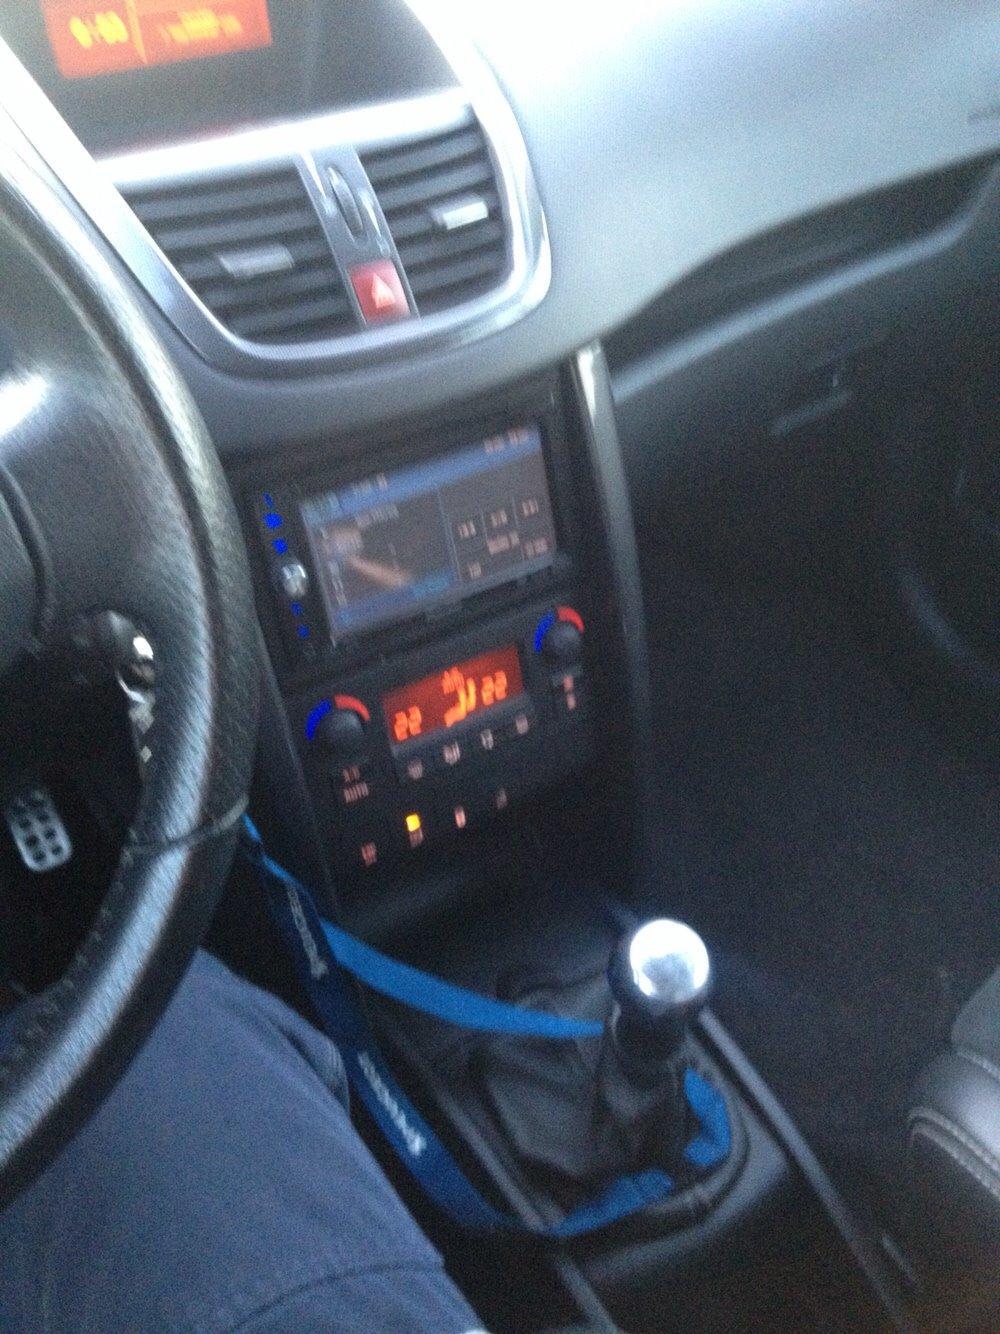 Peugeot 207 rc billede 4